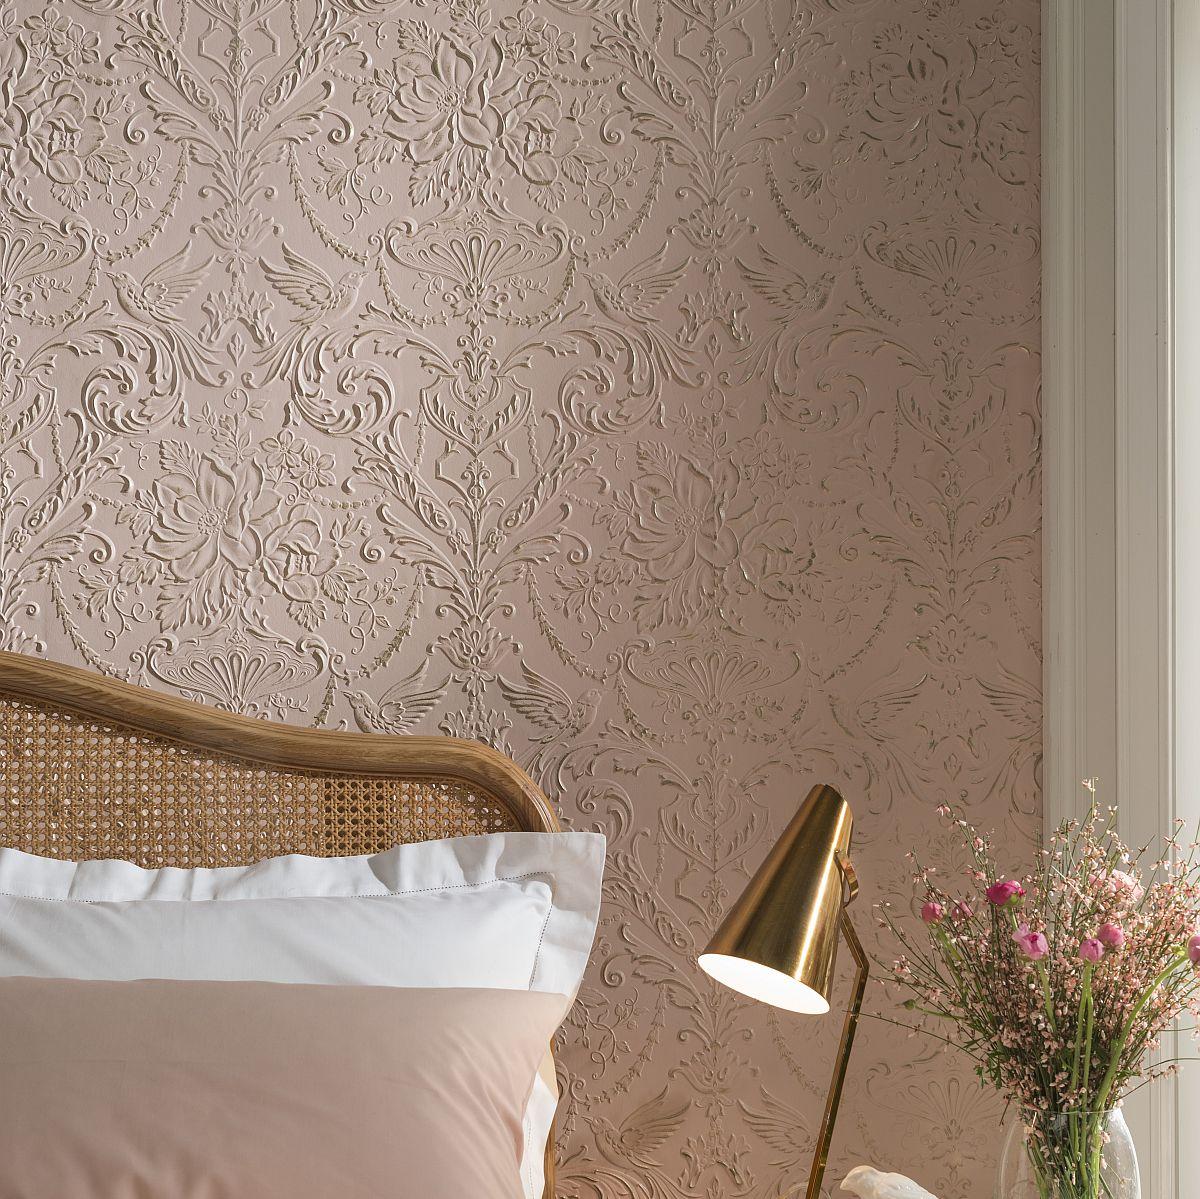 hochwertige tapeten und stoffe lincrusta passeri rd1971. Black Bedroom Furniture Sets. Home Design Ideas